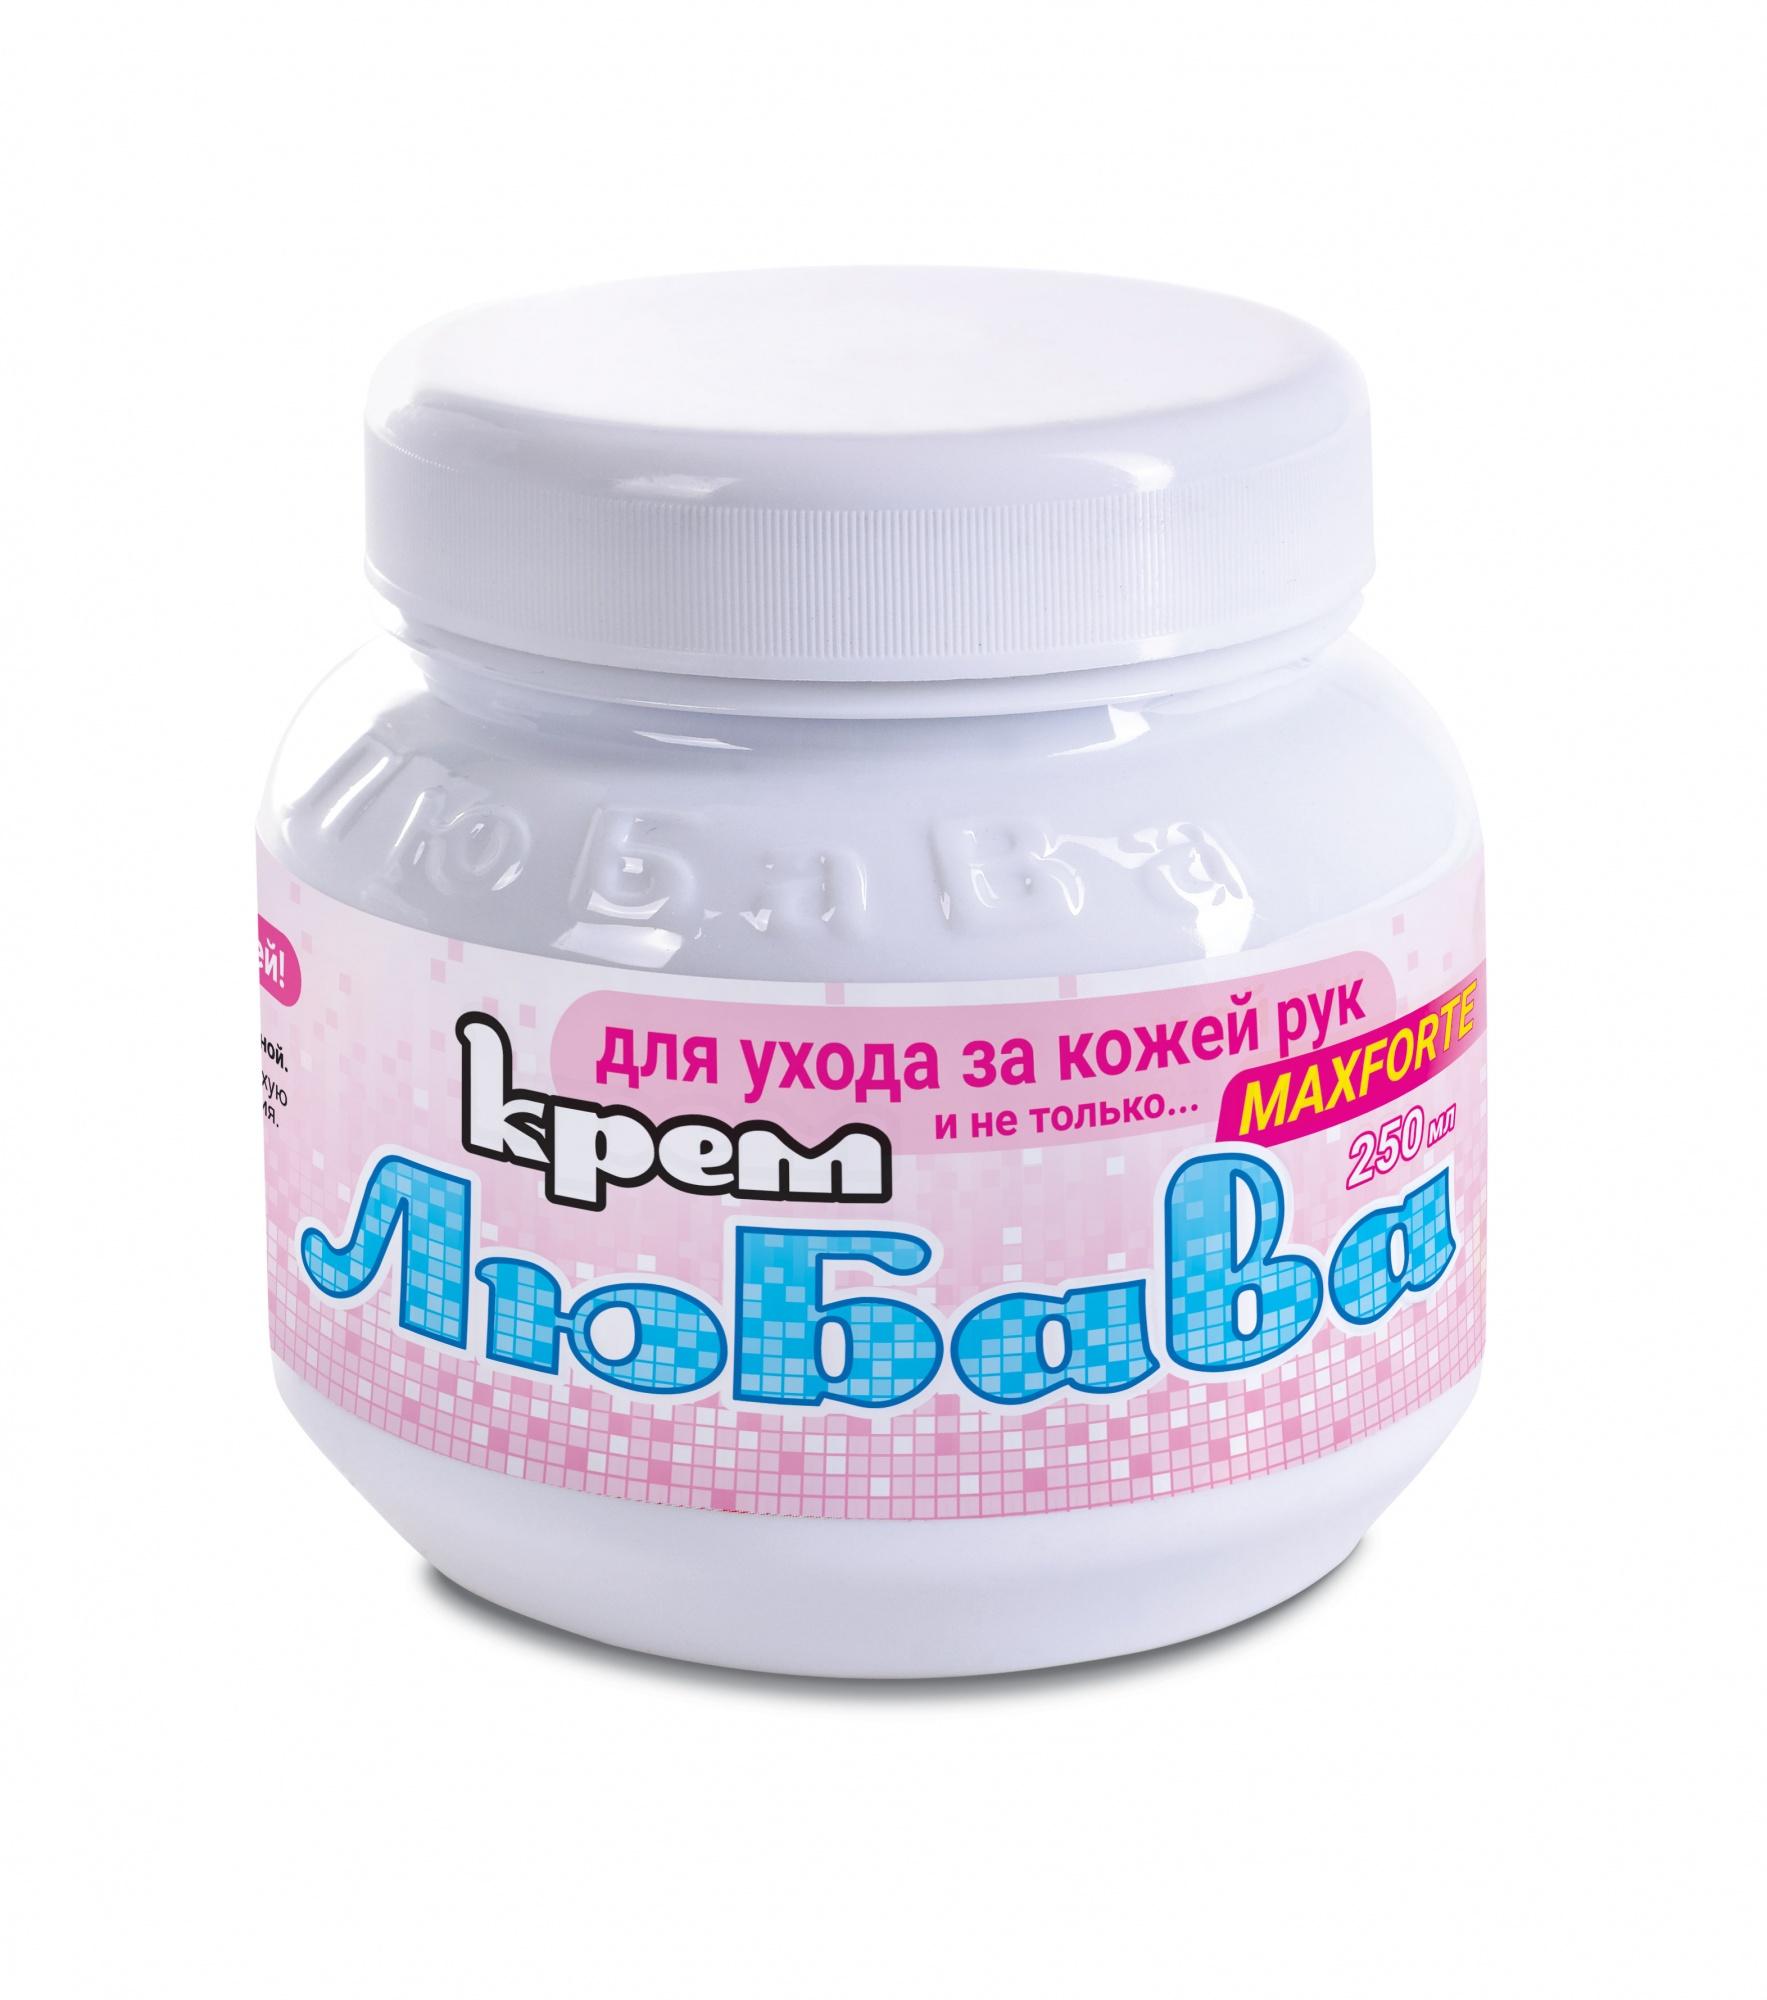 Любава MAXFORTE крем с увеличенным содержанием экстрактов масел с ионами серебра 250 мл